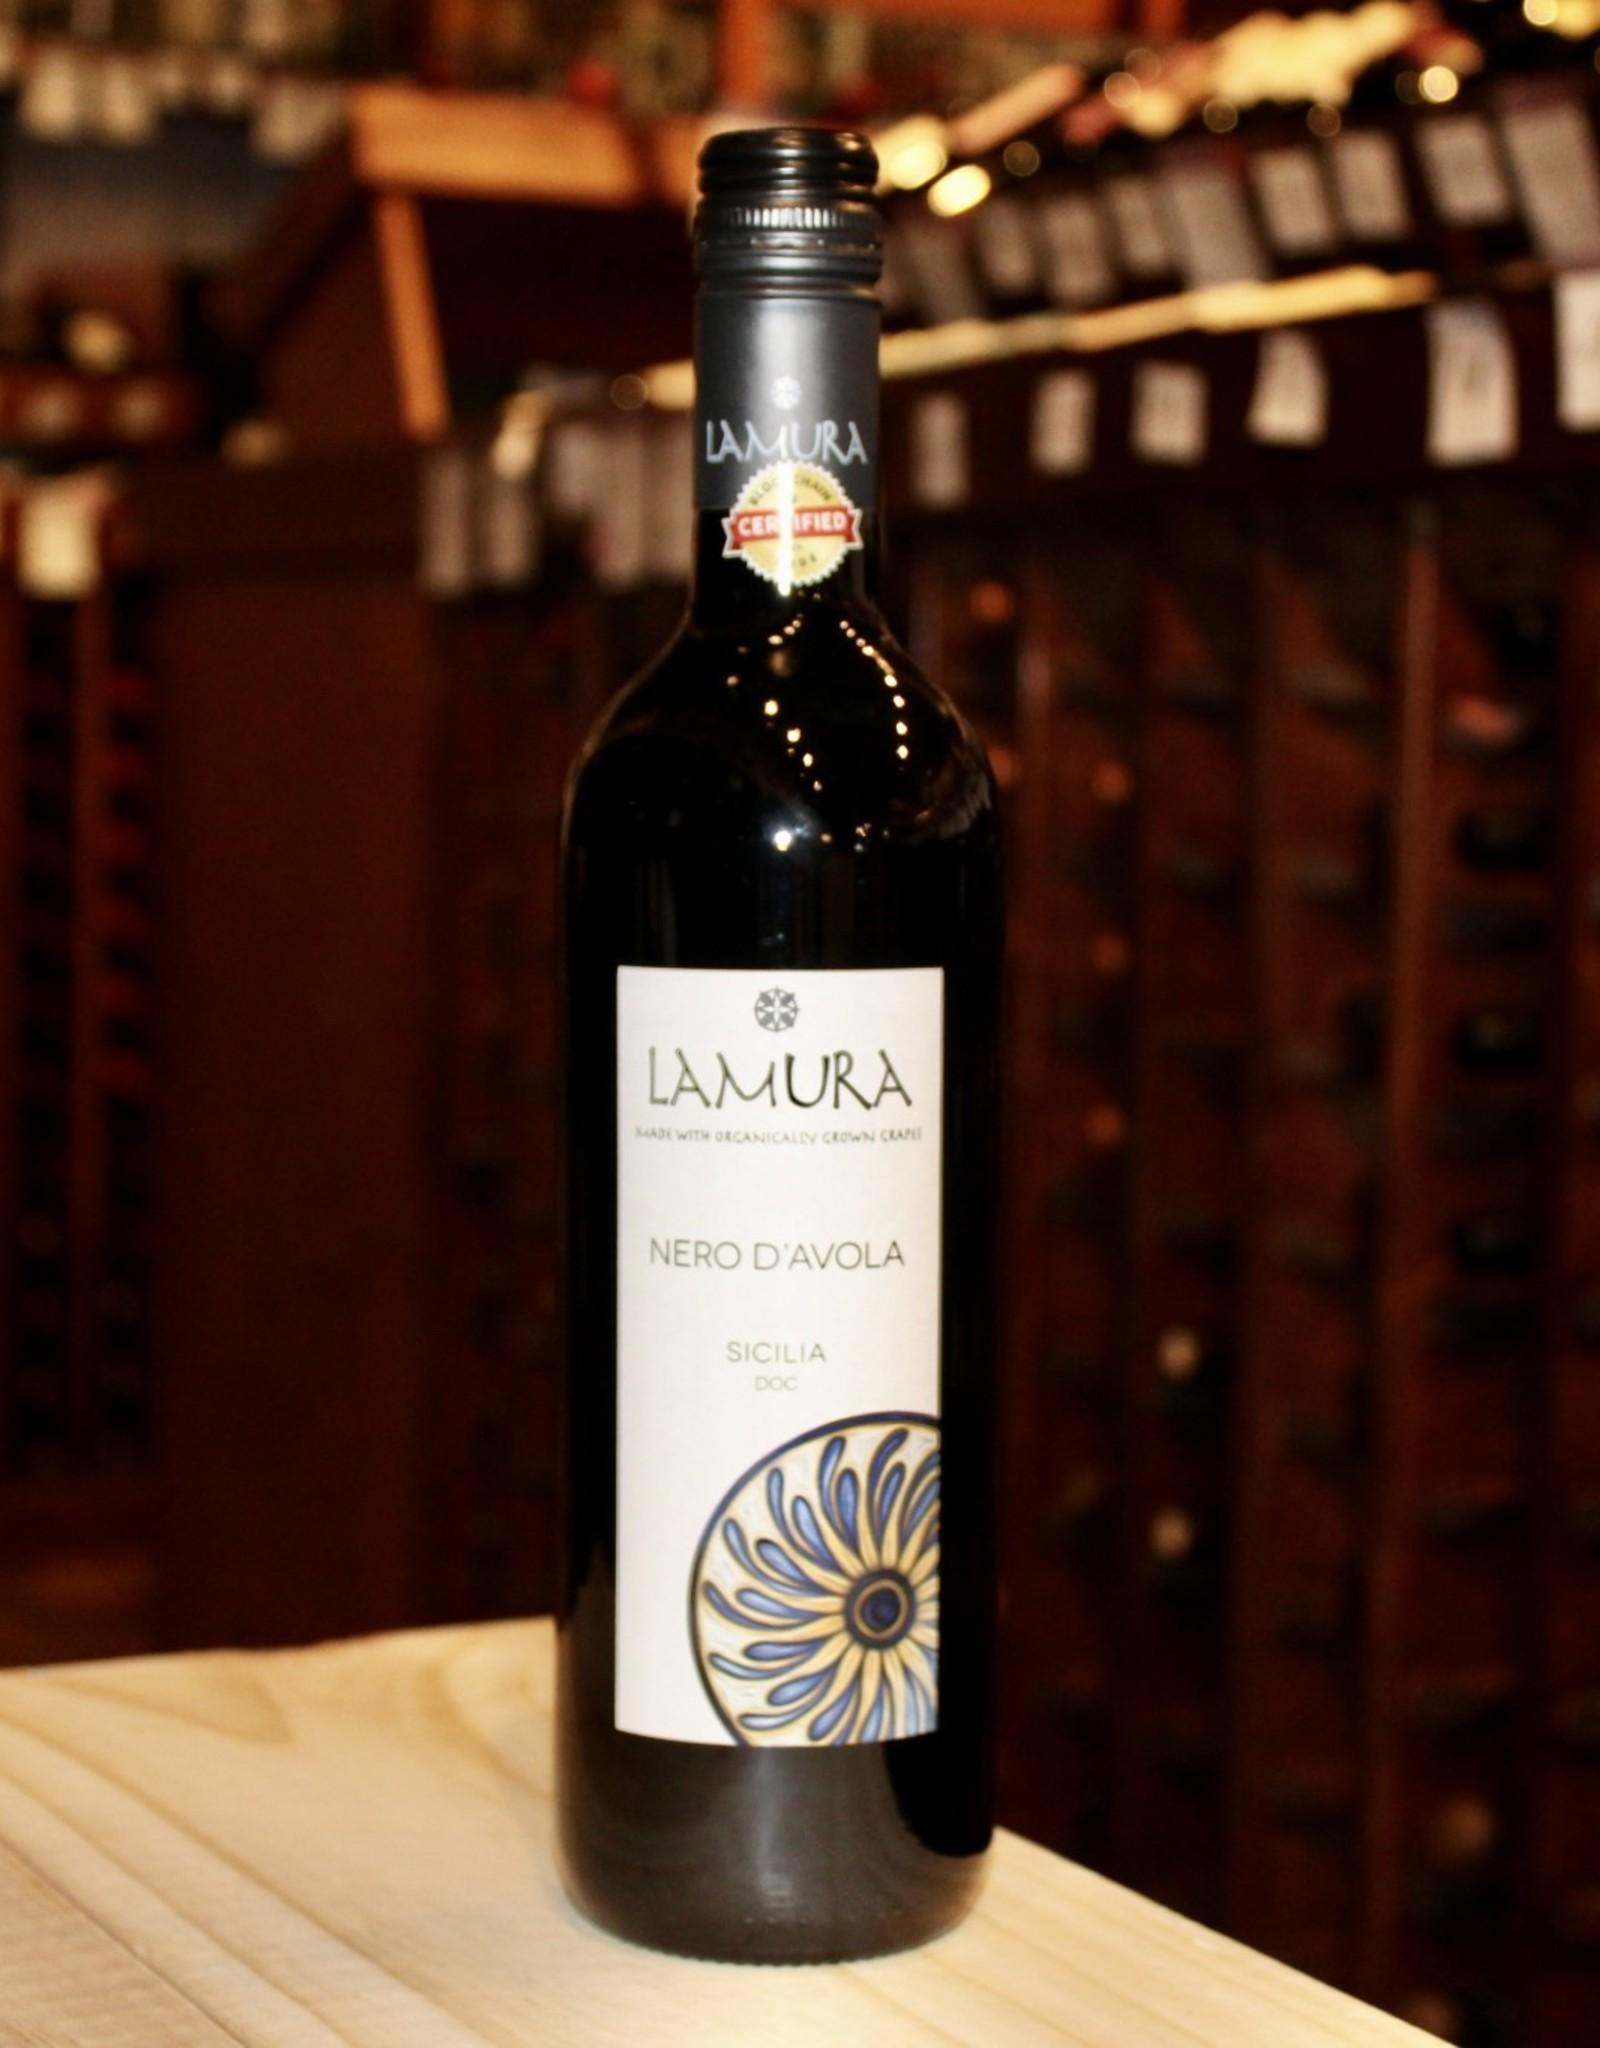 Wine 2019 La Mura Terre Siciliane Nero d'Avola - Sicily, Italy (750ml)